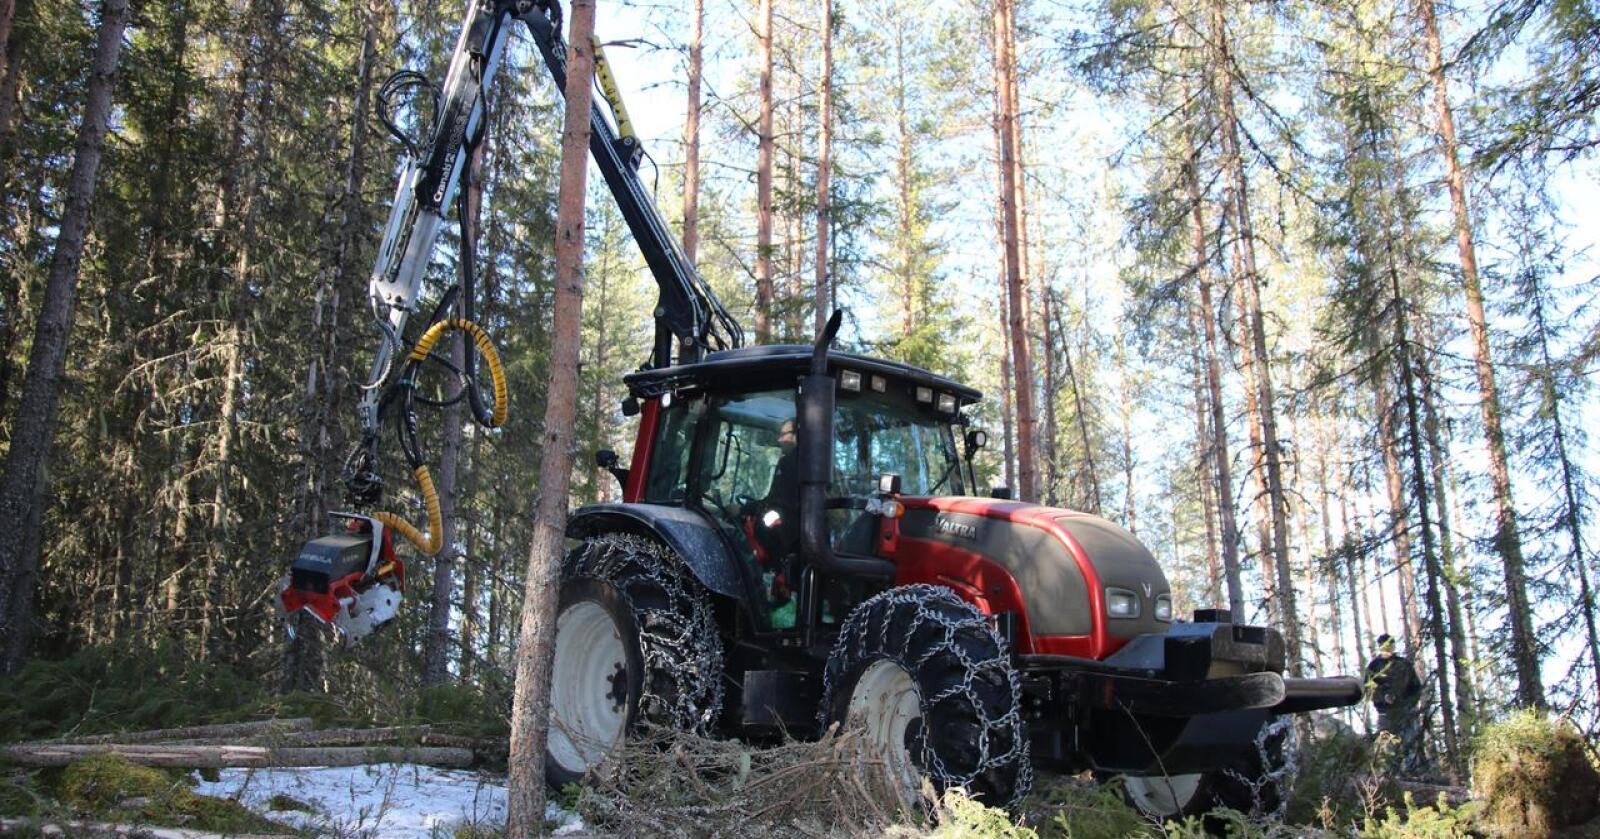 Valtra: Denne Valtraen er rigget for profesjonell traktordrift.